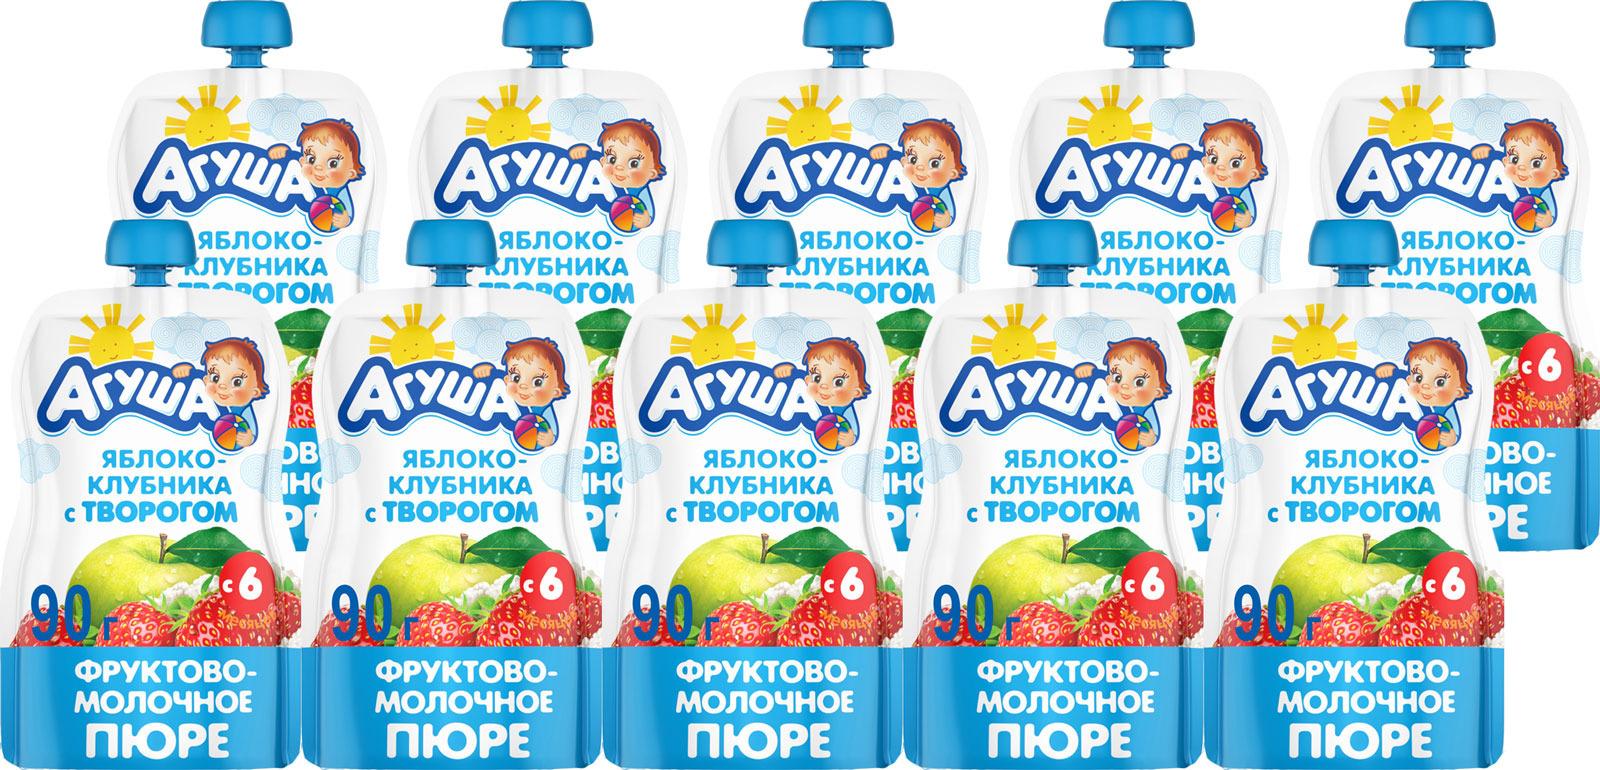 Пюре фруктово-молочное с 6 месяцев Агуша Яблоко-Клубника-Творог, 10 шт по 90 г